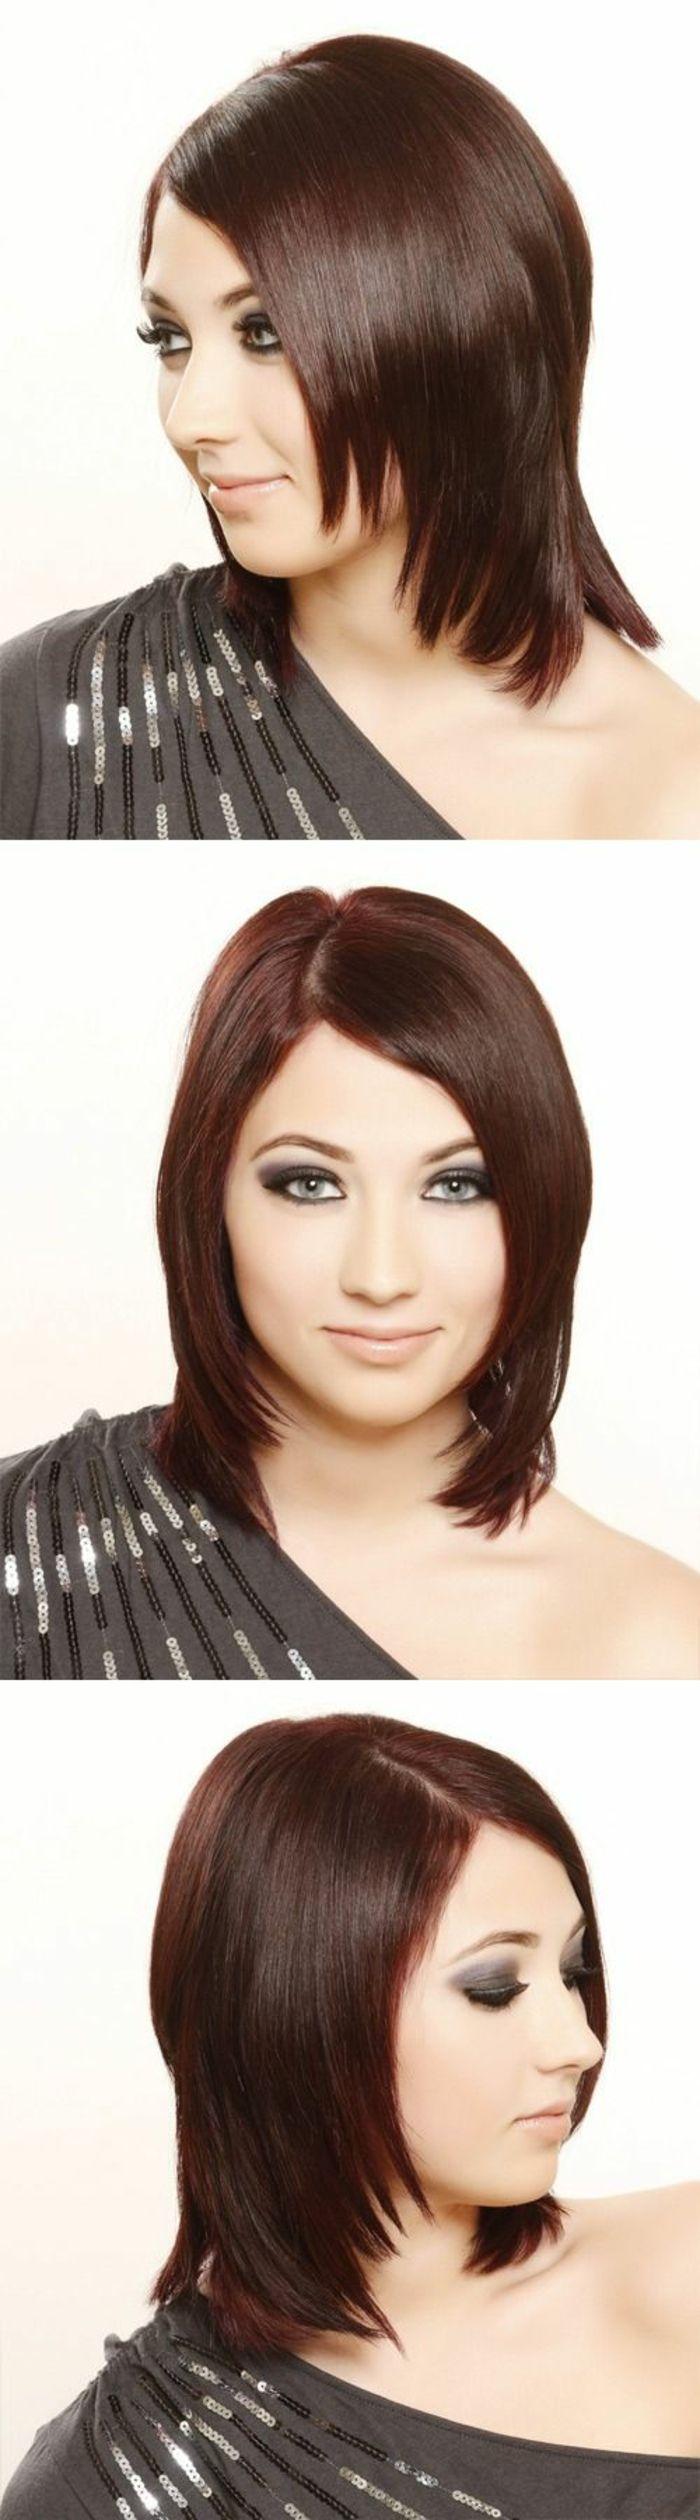 Id e coiffure quelle couleur de cheveux choisir couleur acajou cheveux coupe courte etagee - Quelle coupe de jean choisir ...